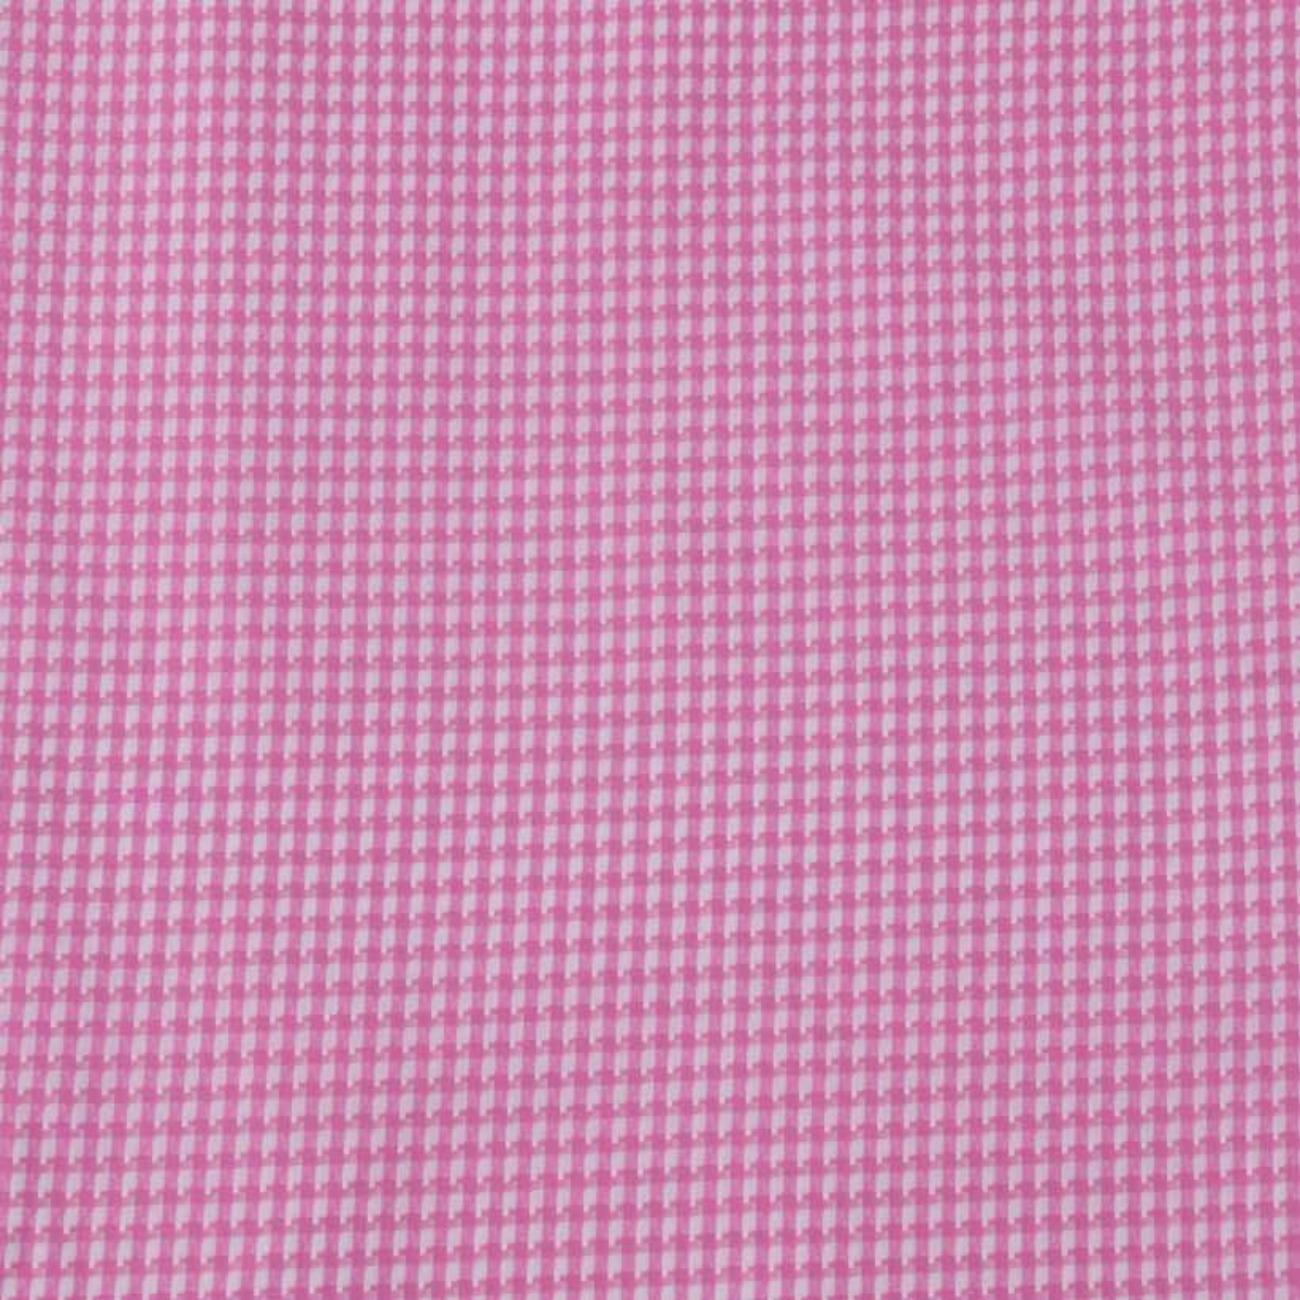 现货千鸟格梭织色织提花低弹休闲时尚风格衬衫连衣裙 短裙 棉感 60929-27